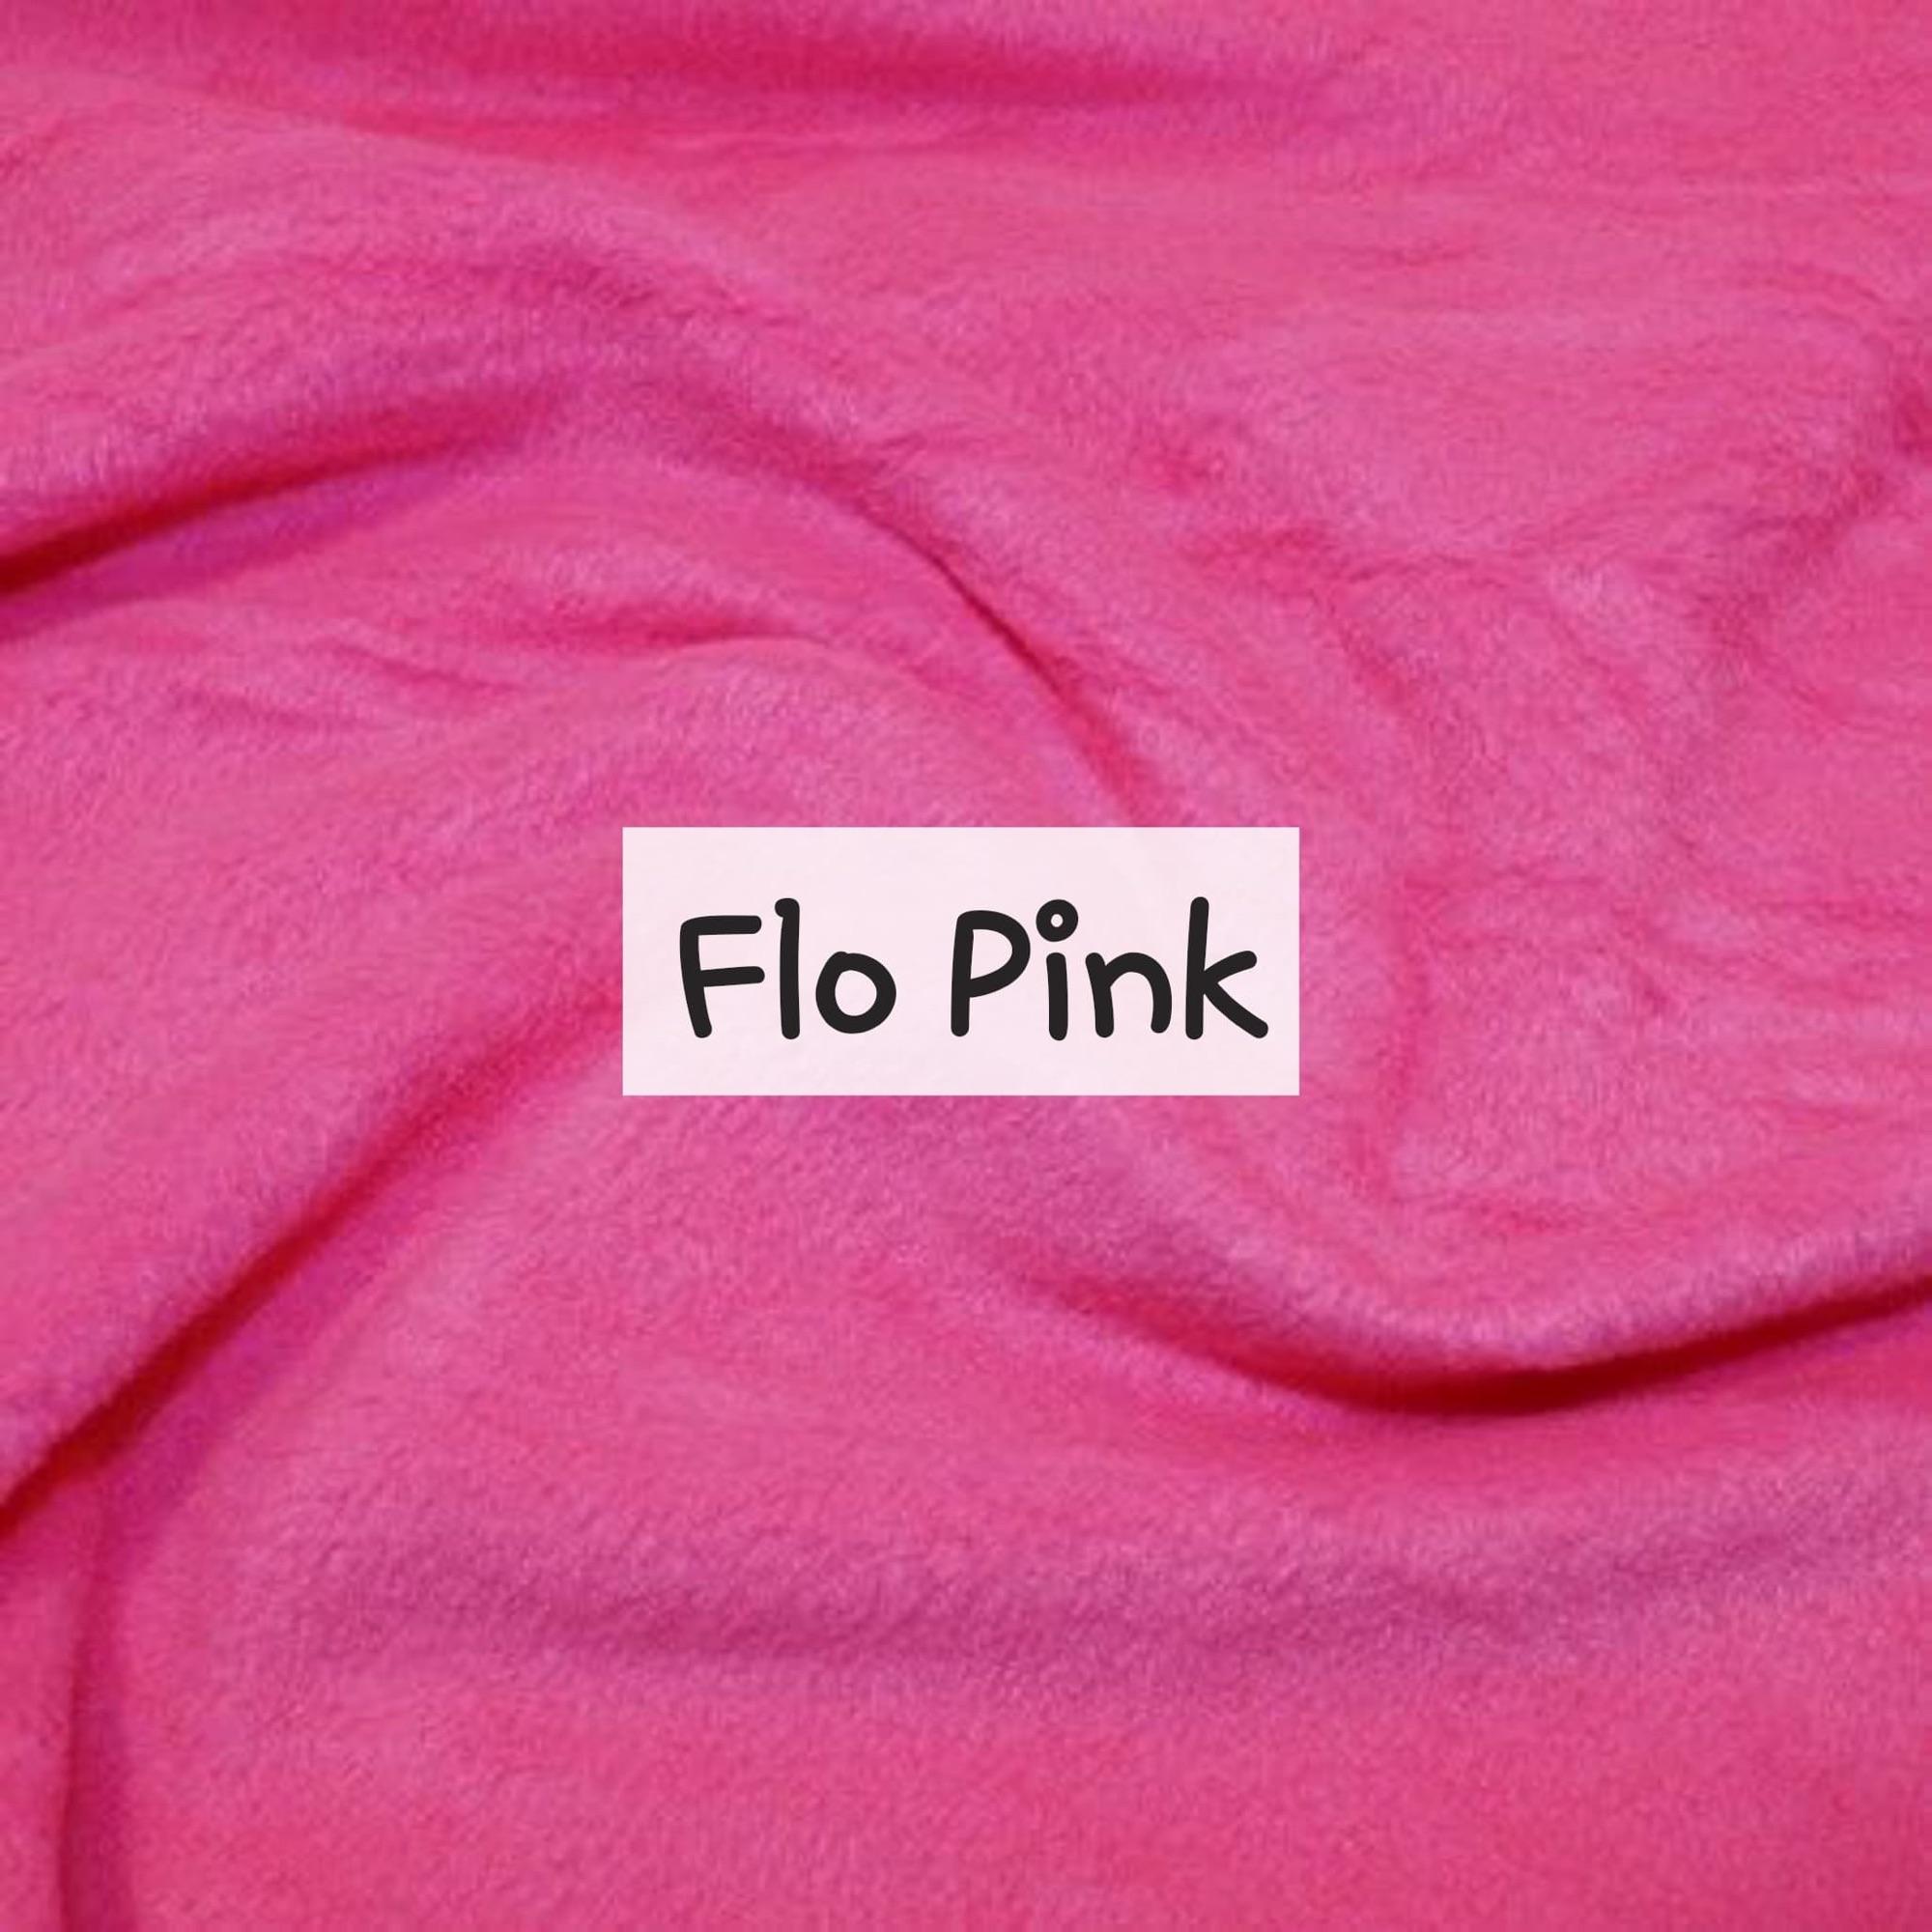 Flo Pink Fleece